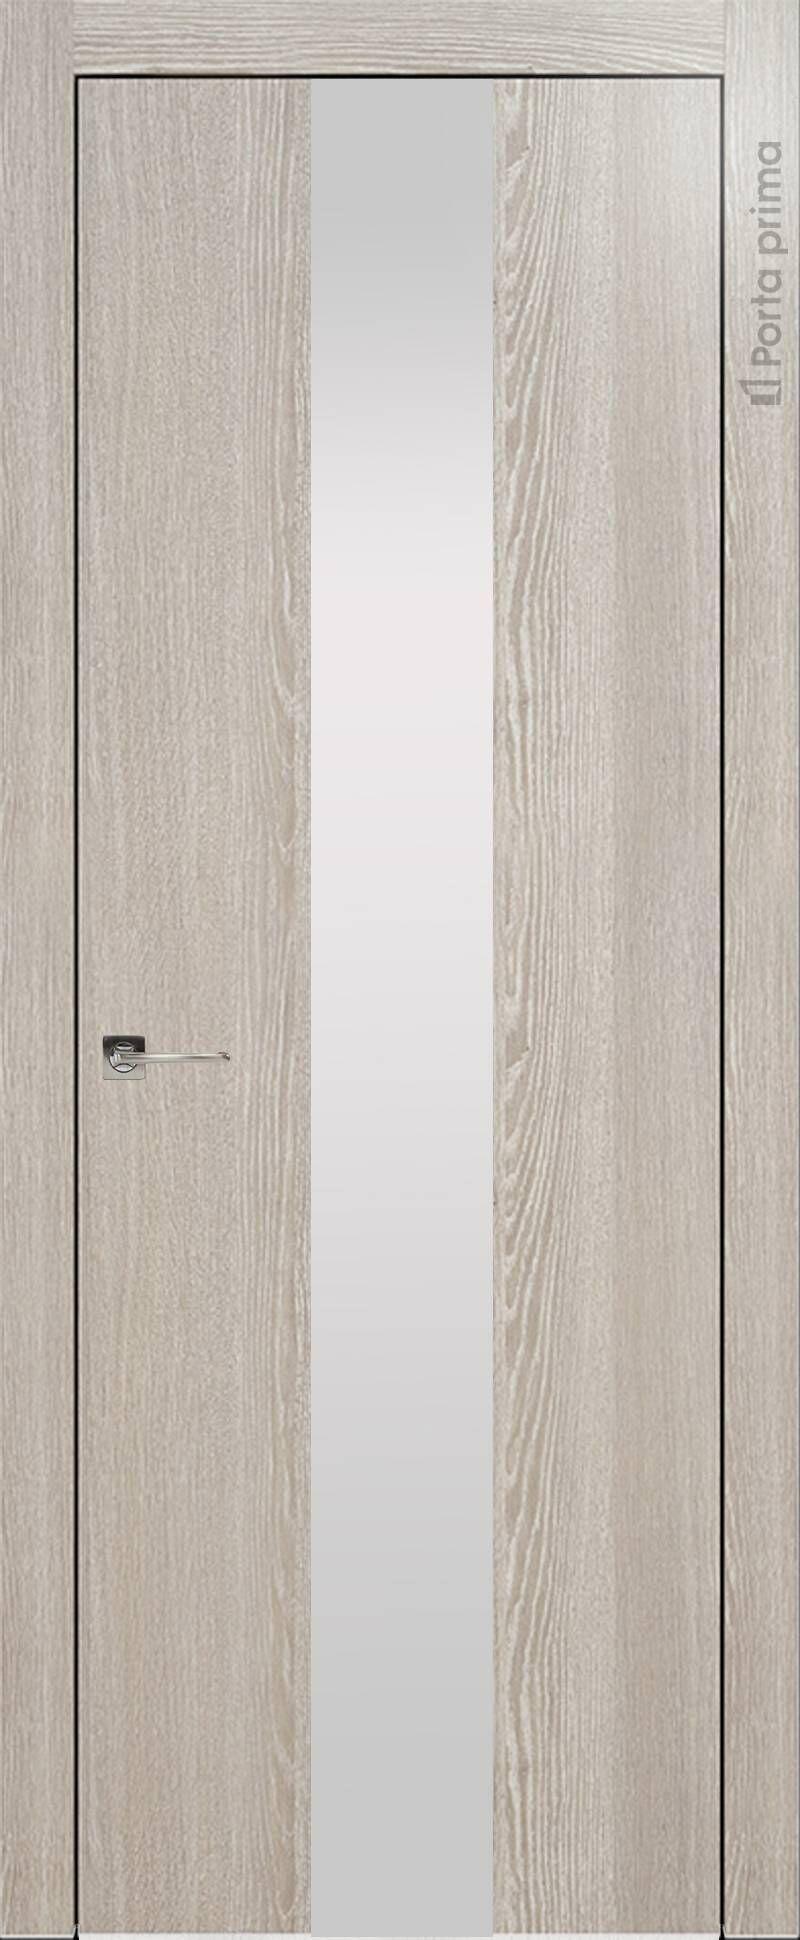 Tivoli Ж-1 цвет - Серый дуб Со стеклом (ДО)